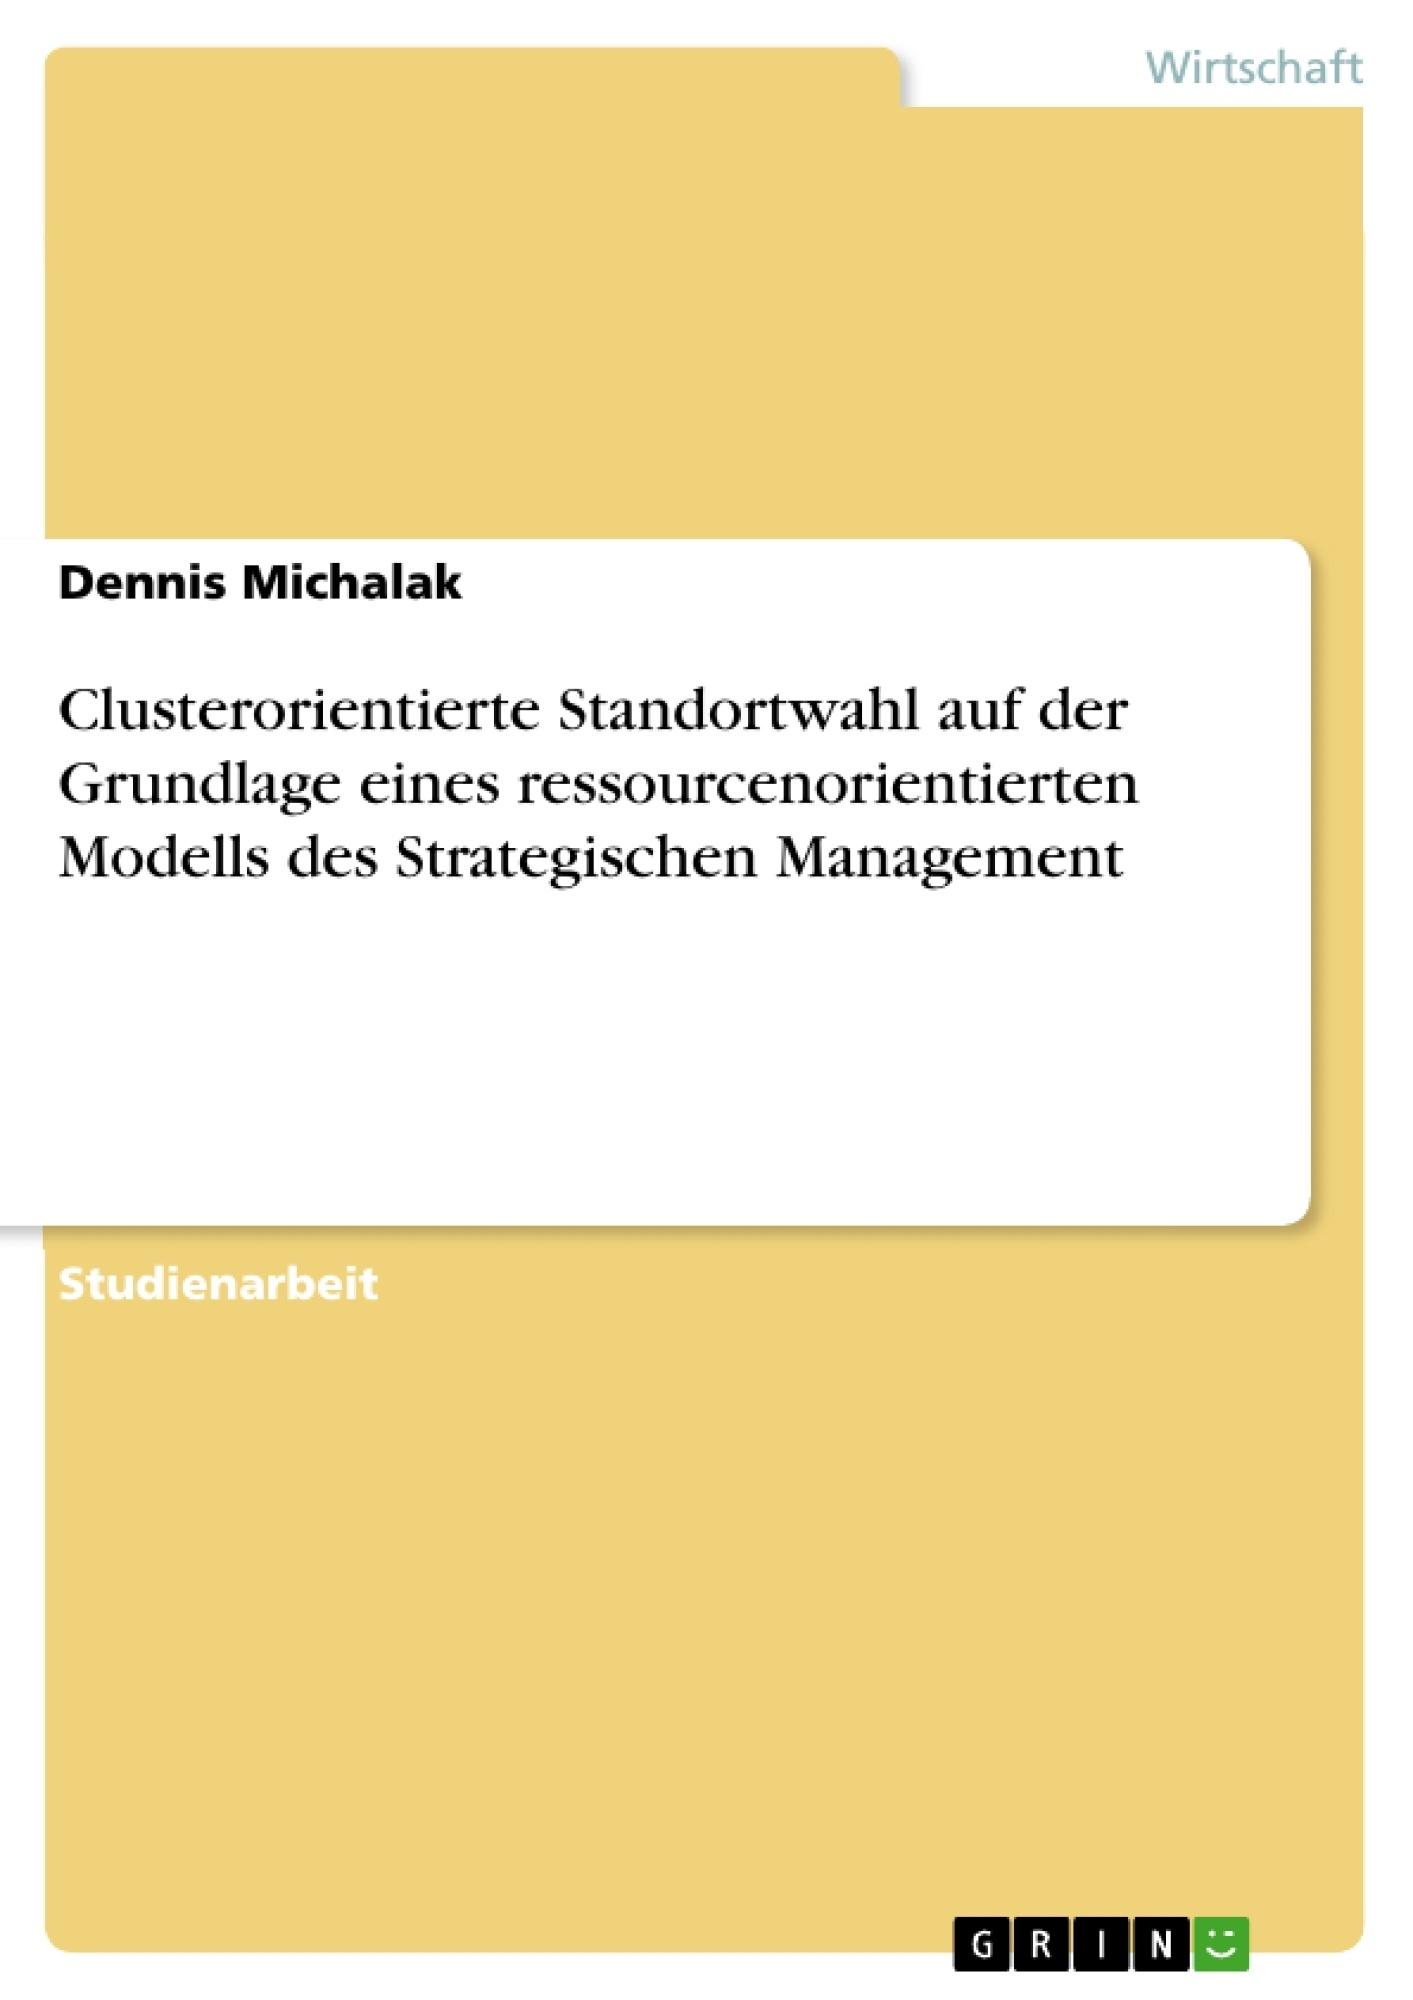 Titel: Clusterorientierte Standortwahl auf der Grundlage eines ressourcenorientierten Modells des Strategischen Management